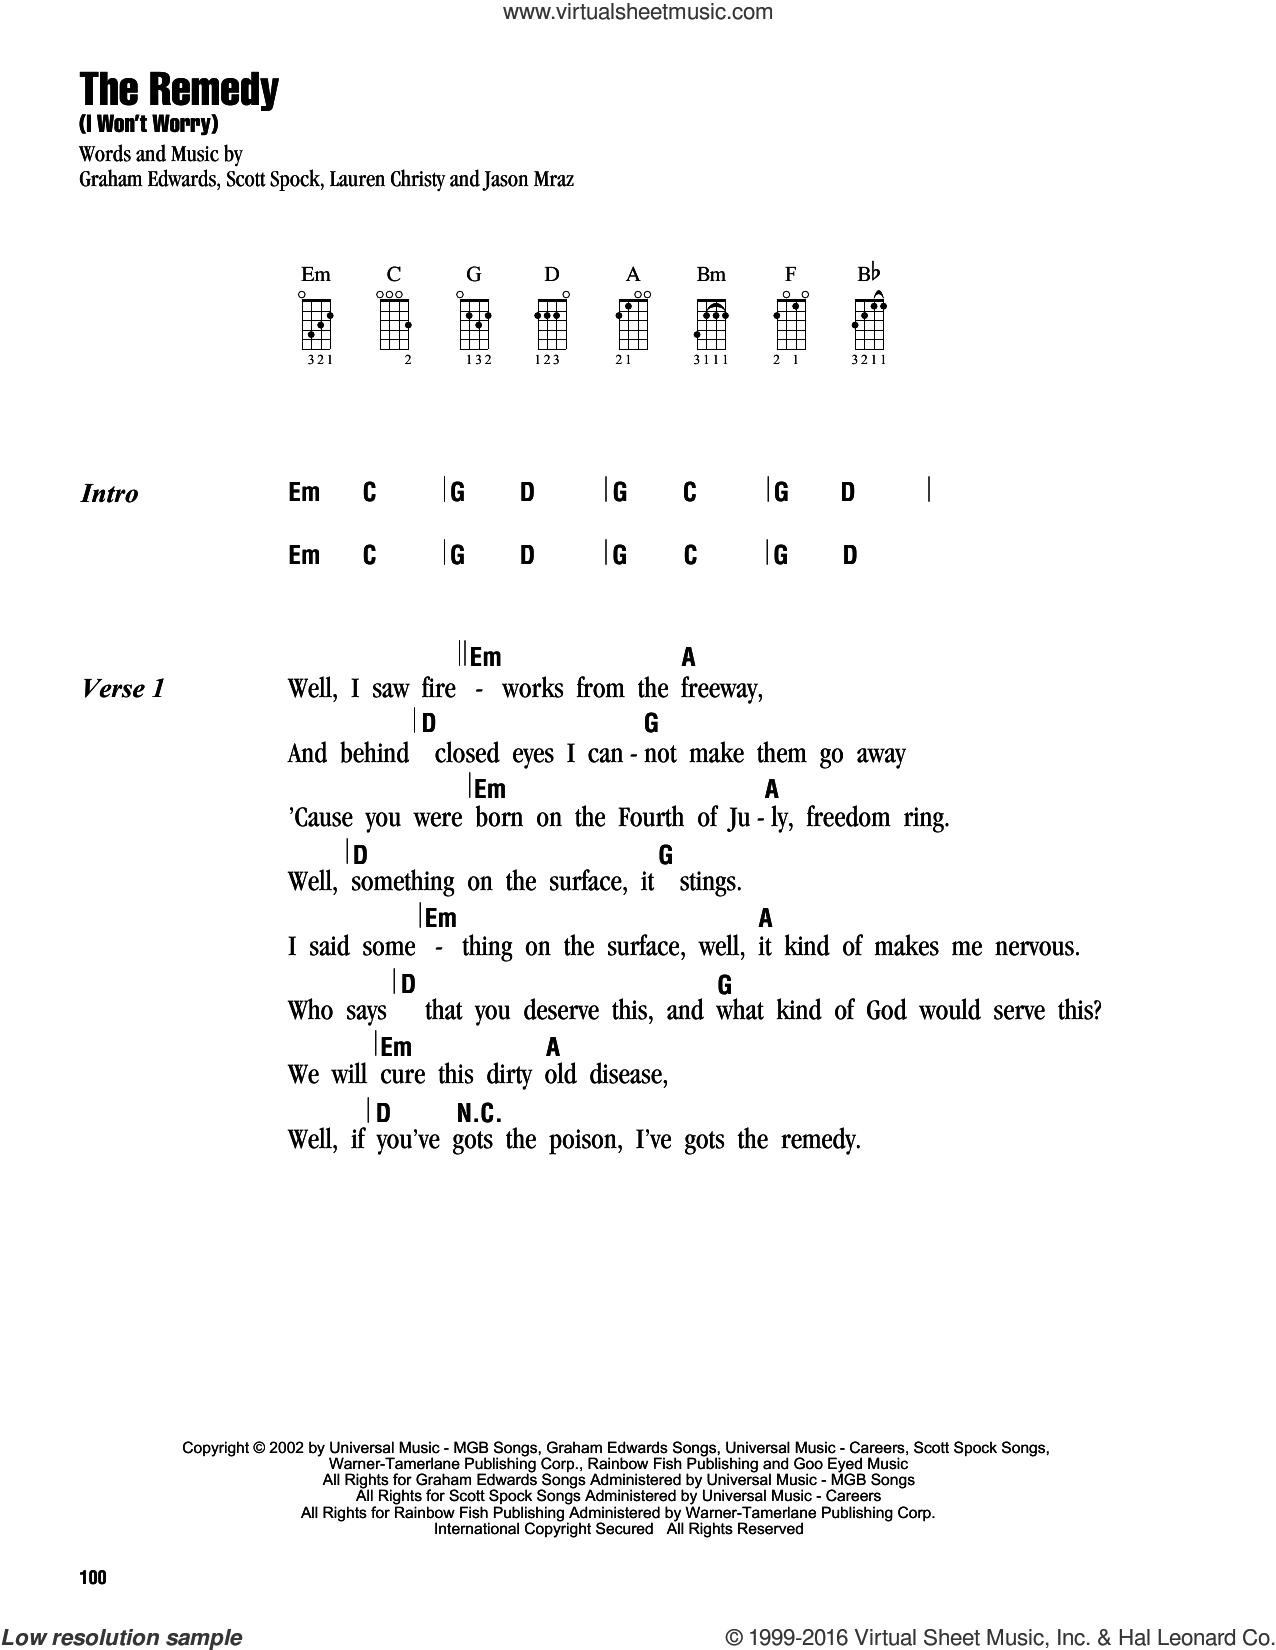 The Remedy (I Won't Worry) sheet music for ukulele (chords) by Jason Mraz, Graham Edwards, Lauren Christy and Scott Spock, intermediate skill level